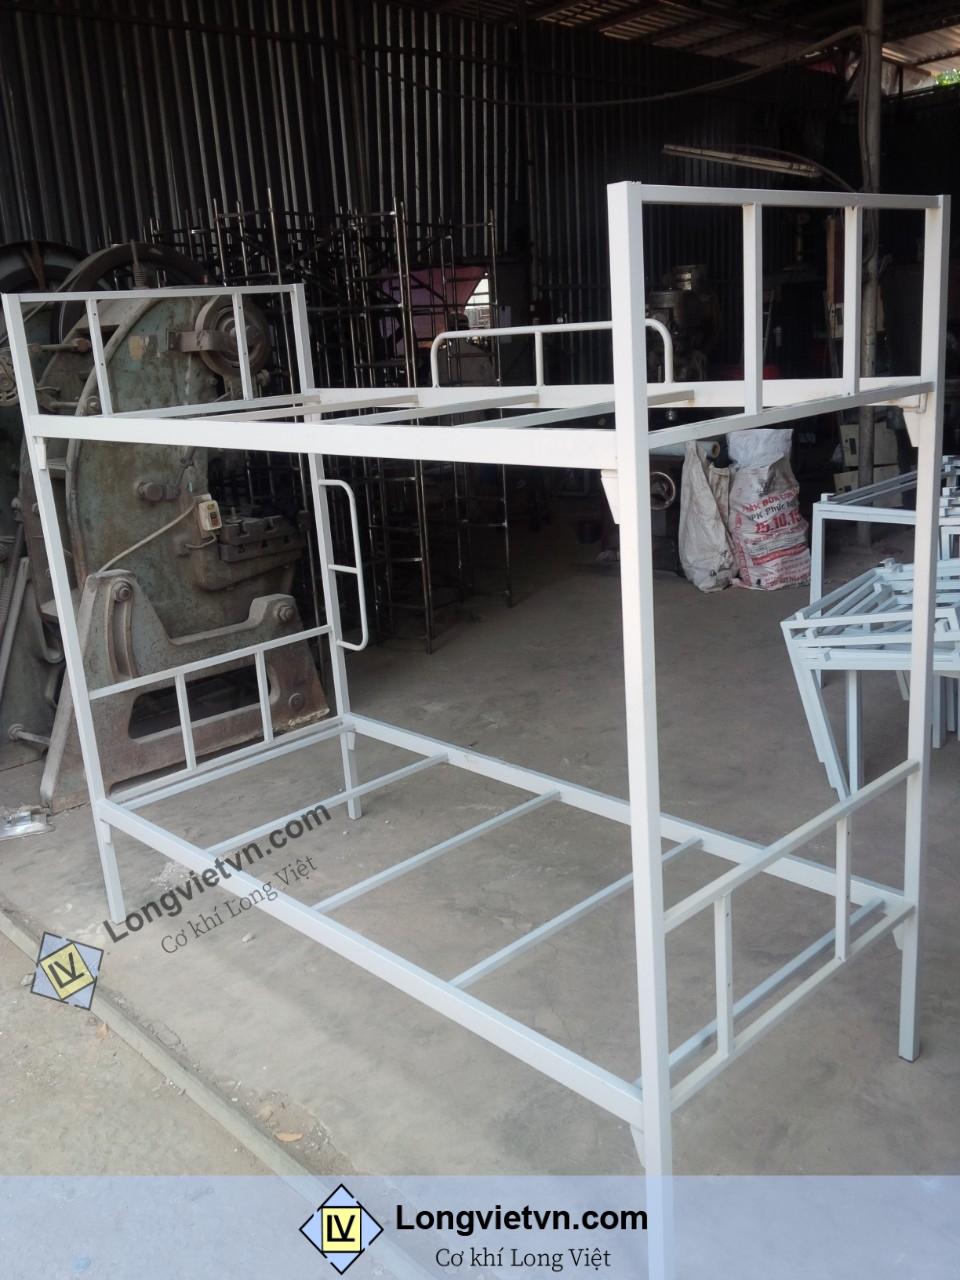 Gia công giường ngủ, giường 2 tầng 3 tầng, giường xếp – nội thất uy tín tại TPHCM